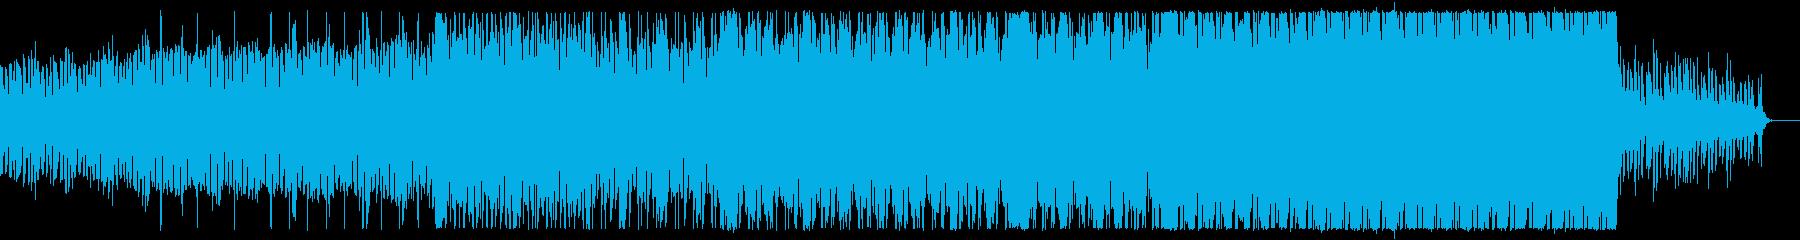 アングラで踊れるダークなテクノ曲の再生済みの波形